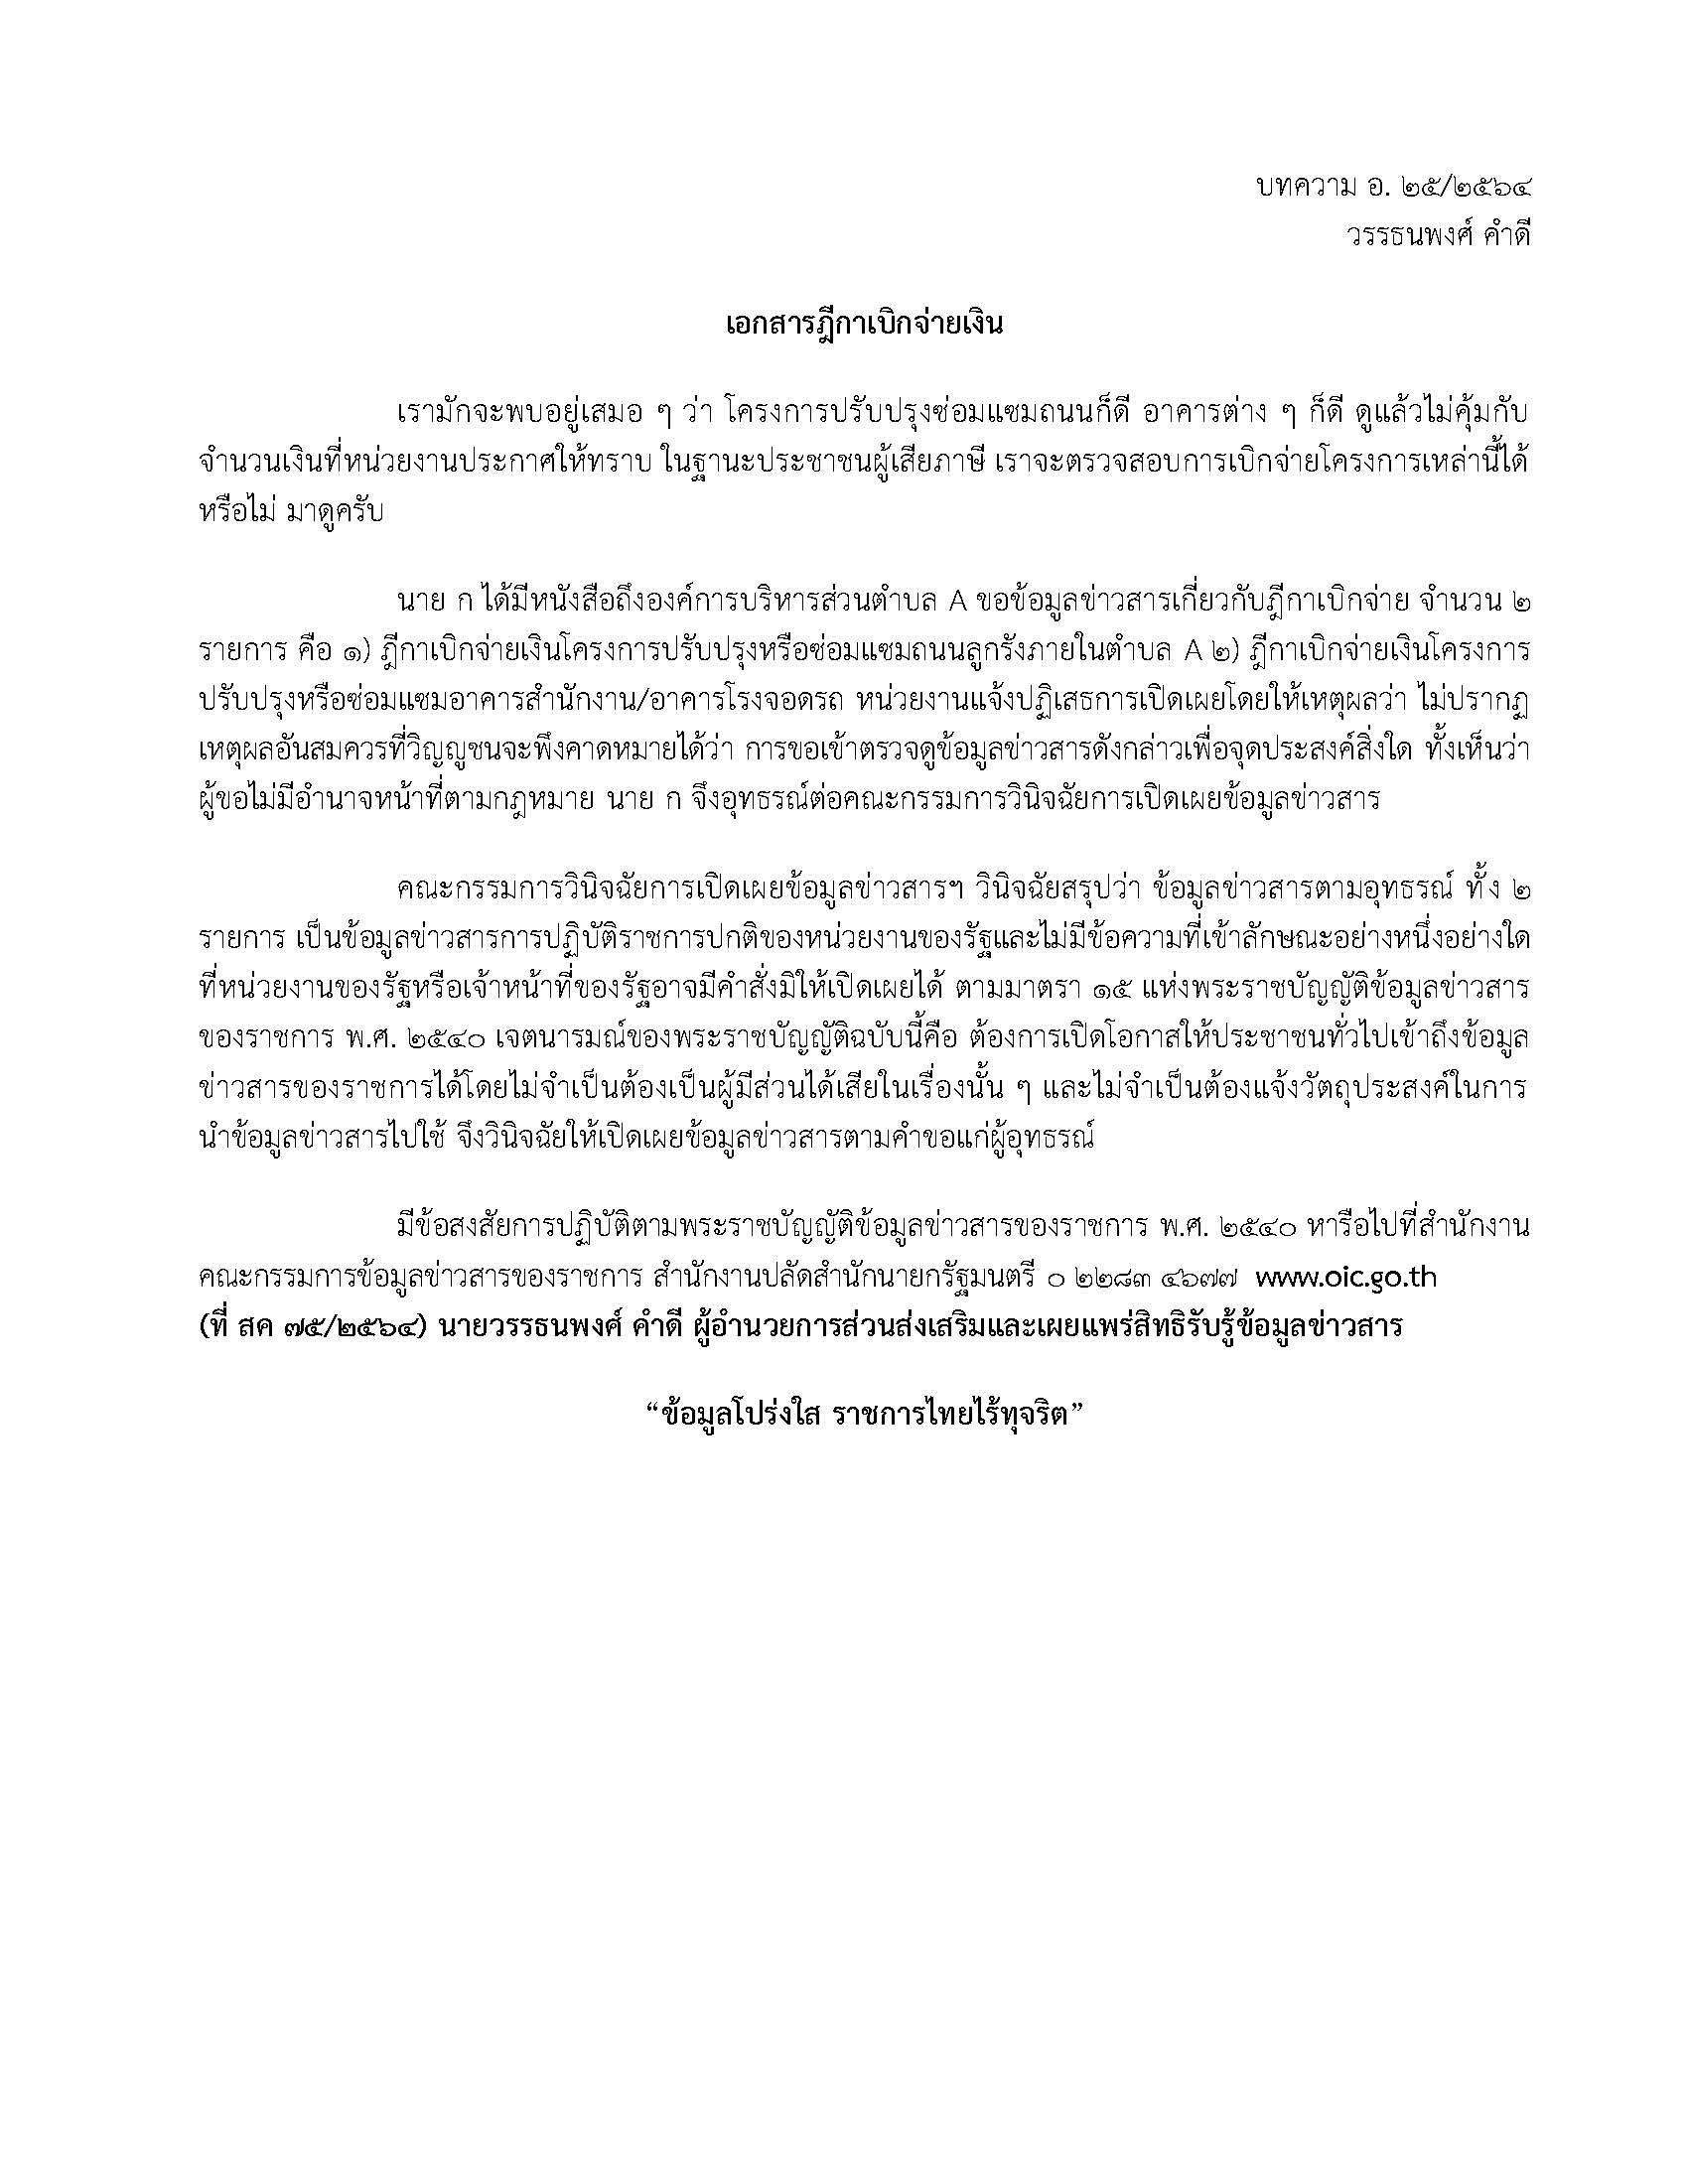 ประชาสัมพันธ์ เรื่อง การเผยแพร่ความรู้เกี่ยวกับพระราชบัญญัติข้อมูลข่าวสารของราชการ พ.ศ.2540